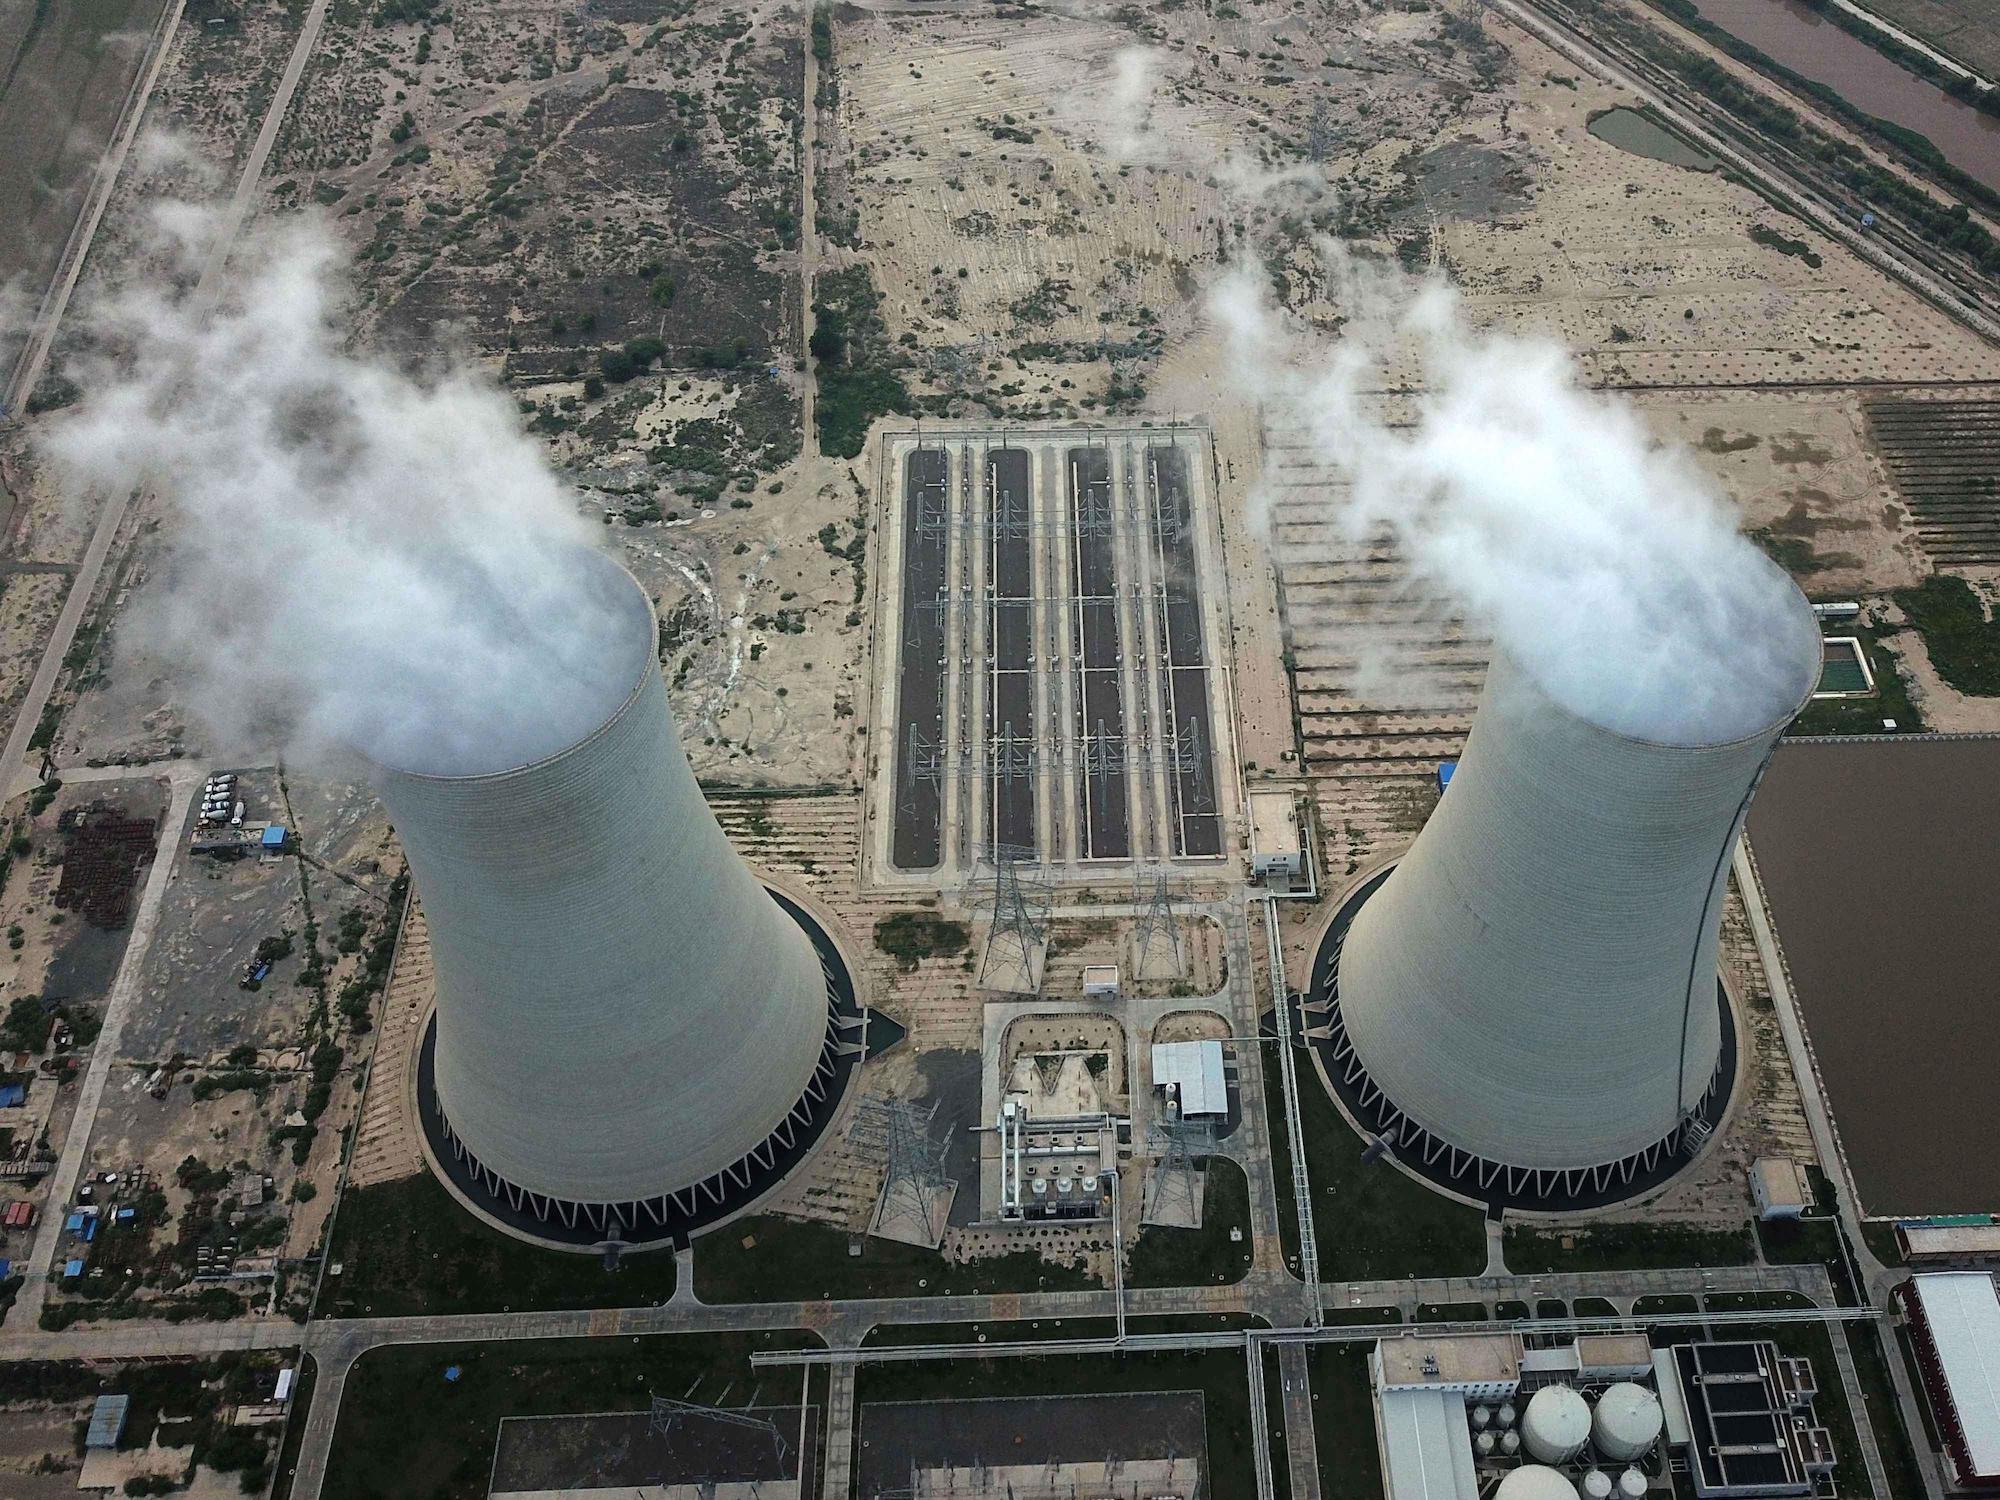 चीन-पाकिस्तान आर्थिक कोरिडोरमा निर्मित कोइलाबाट चल्ने सहिवाल बिजुली प्लान्ट (तस्विर : अलामी)